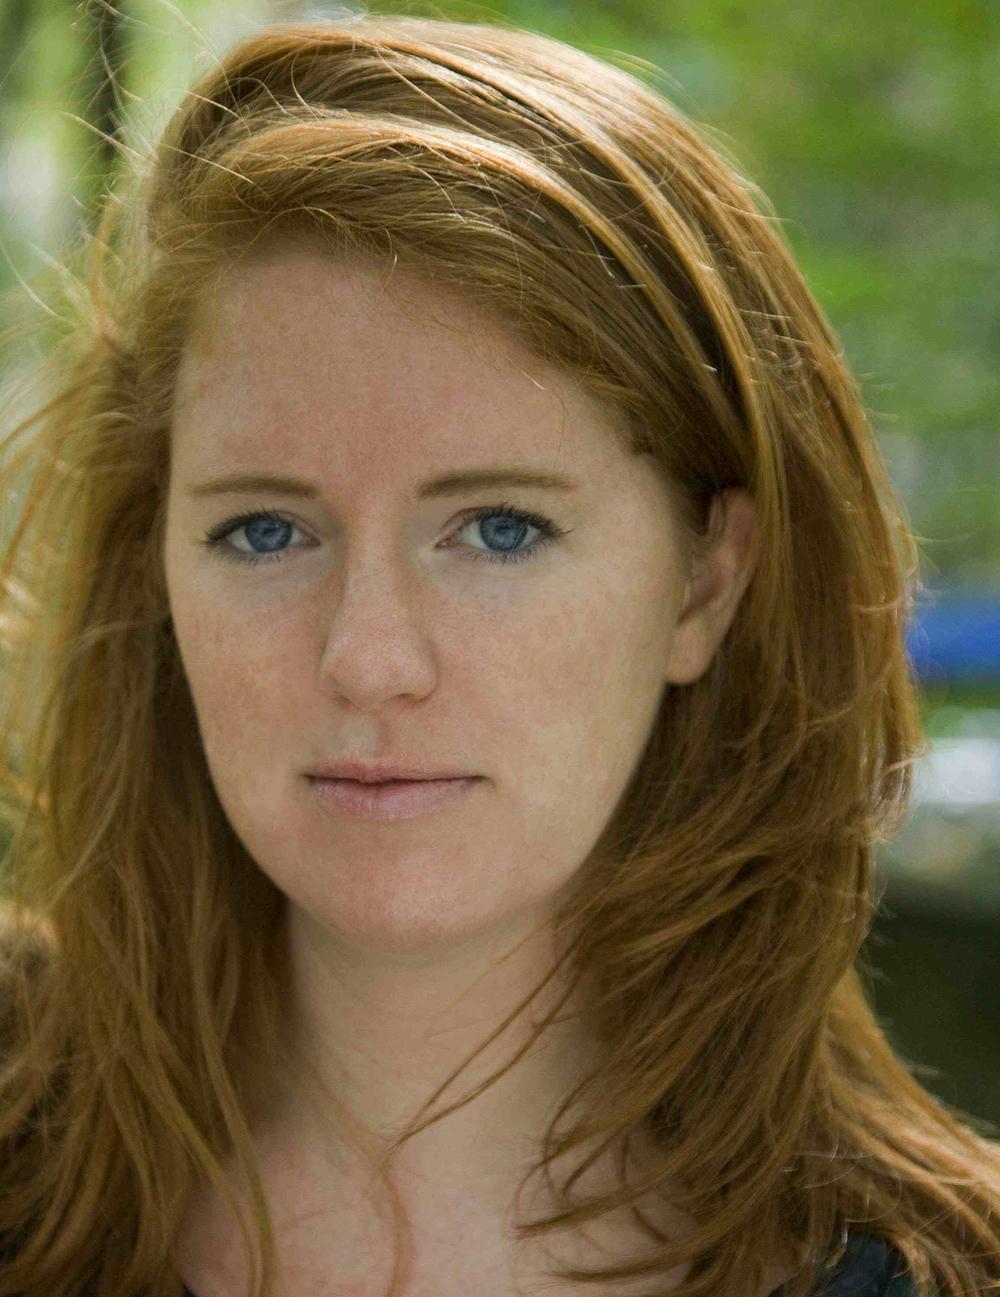 Caroline von Kuhn